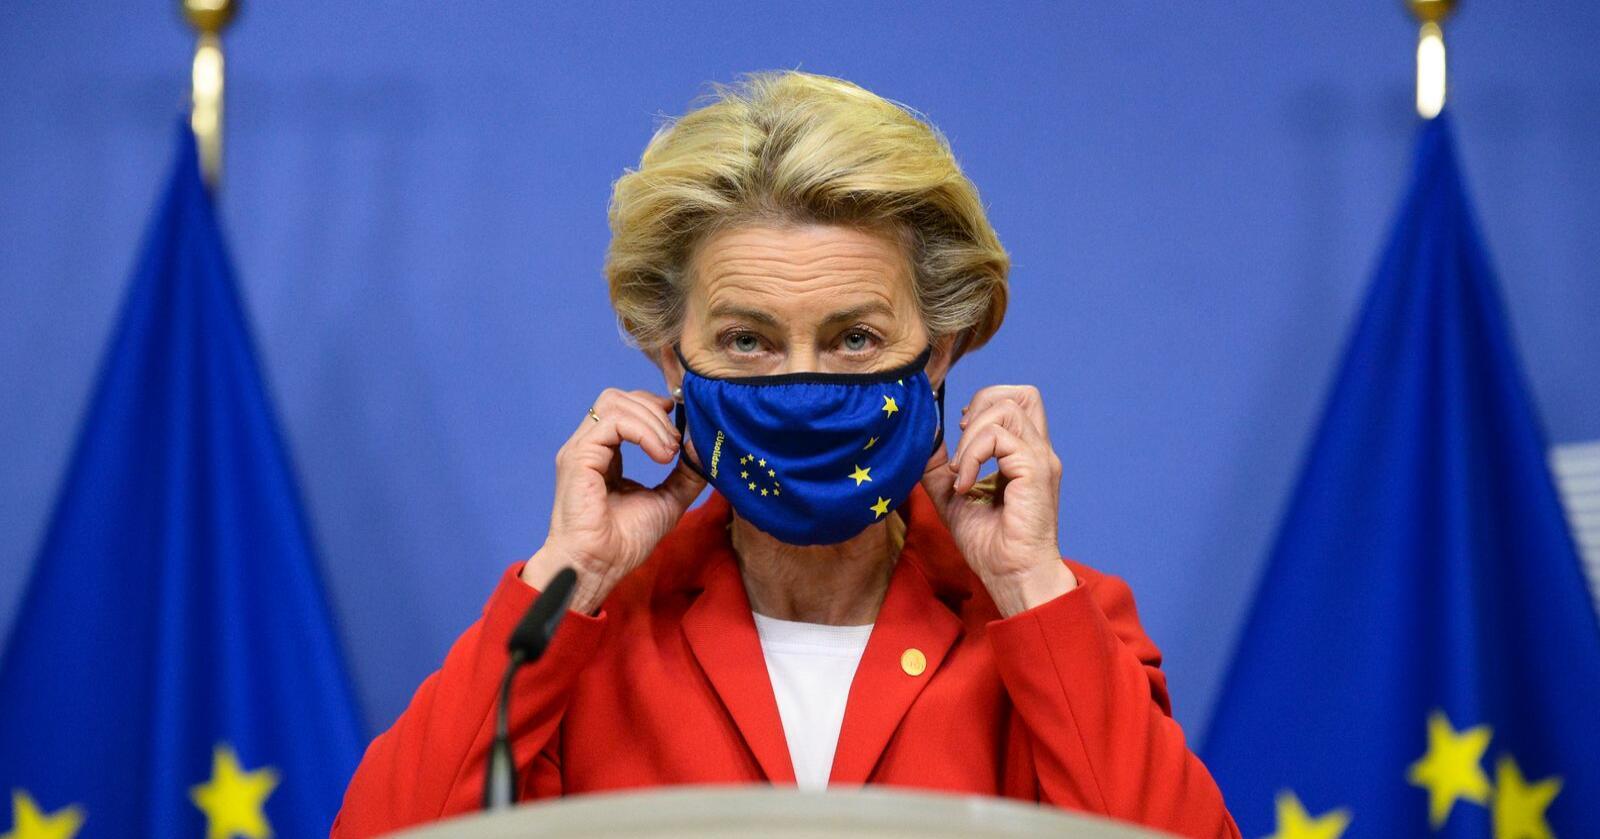 Lederen for EU-kommisjonen, Ursula von der Leyen, tar av seg sin koronamaske for å redegjøre om at kommisjonen tar rettslige skritt mot Storbritannia for lovforslaget som ble vedtatt i Underhuset denne uken. Foto: AP / NTB